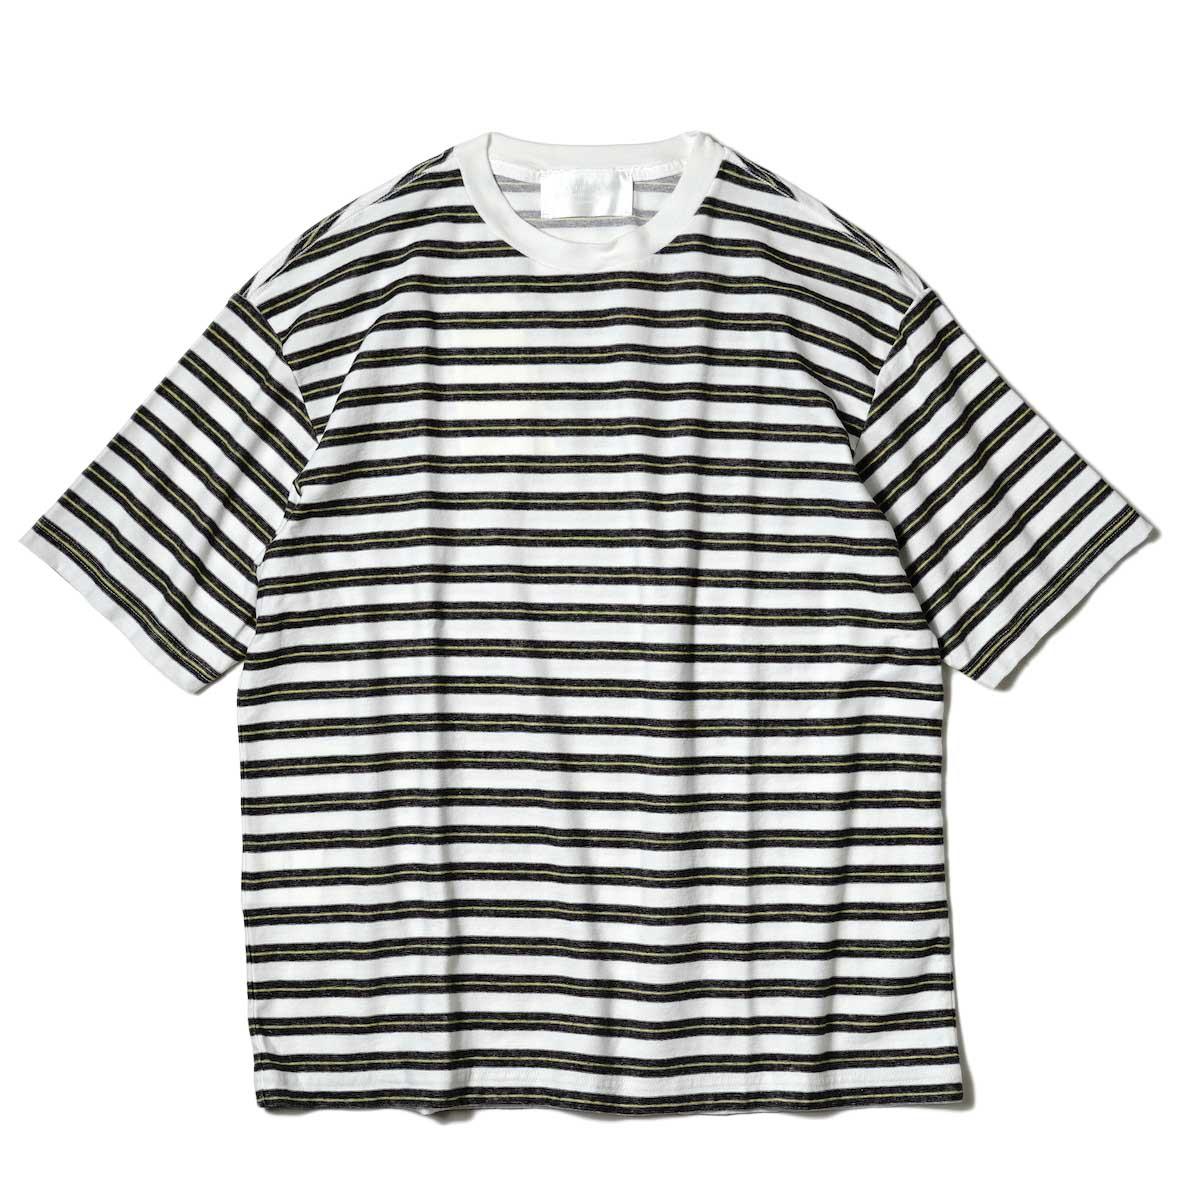 UNUSED / US2109 S/S Border Tee (White × Black)